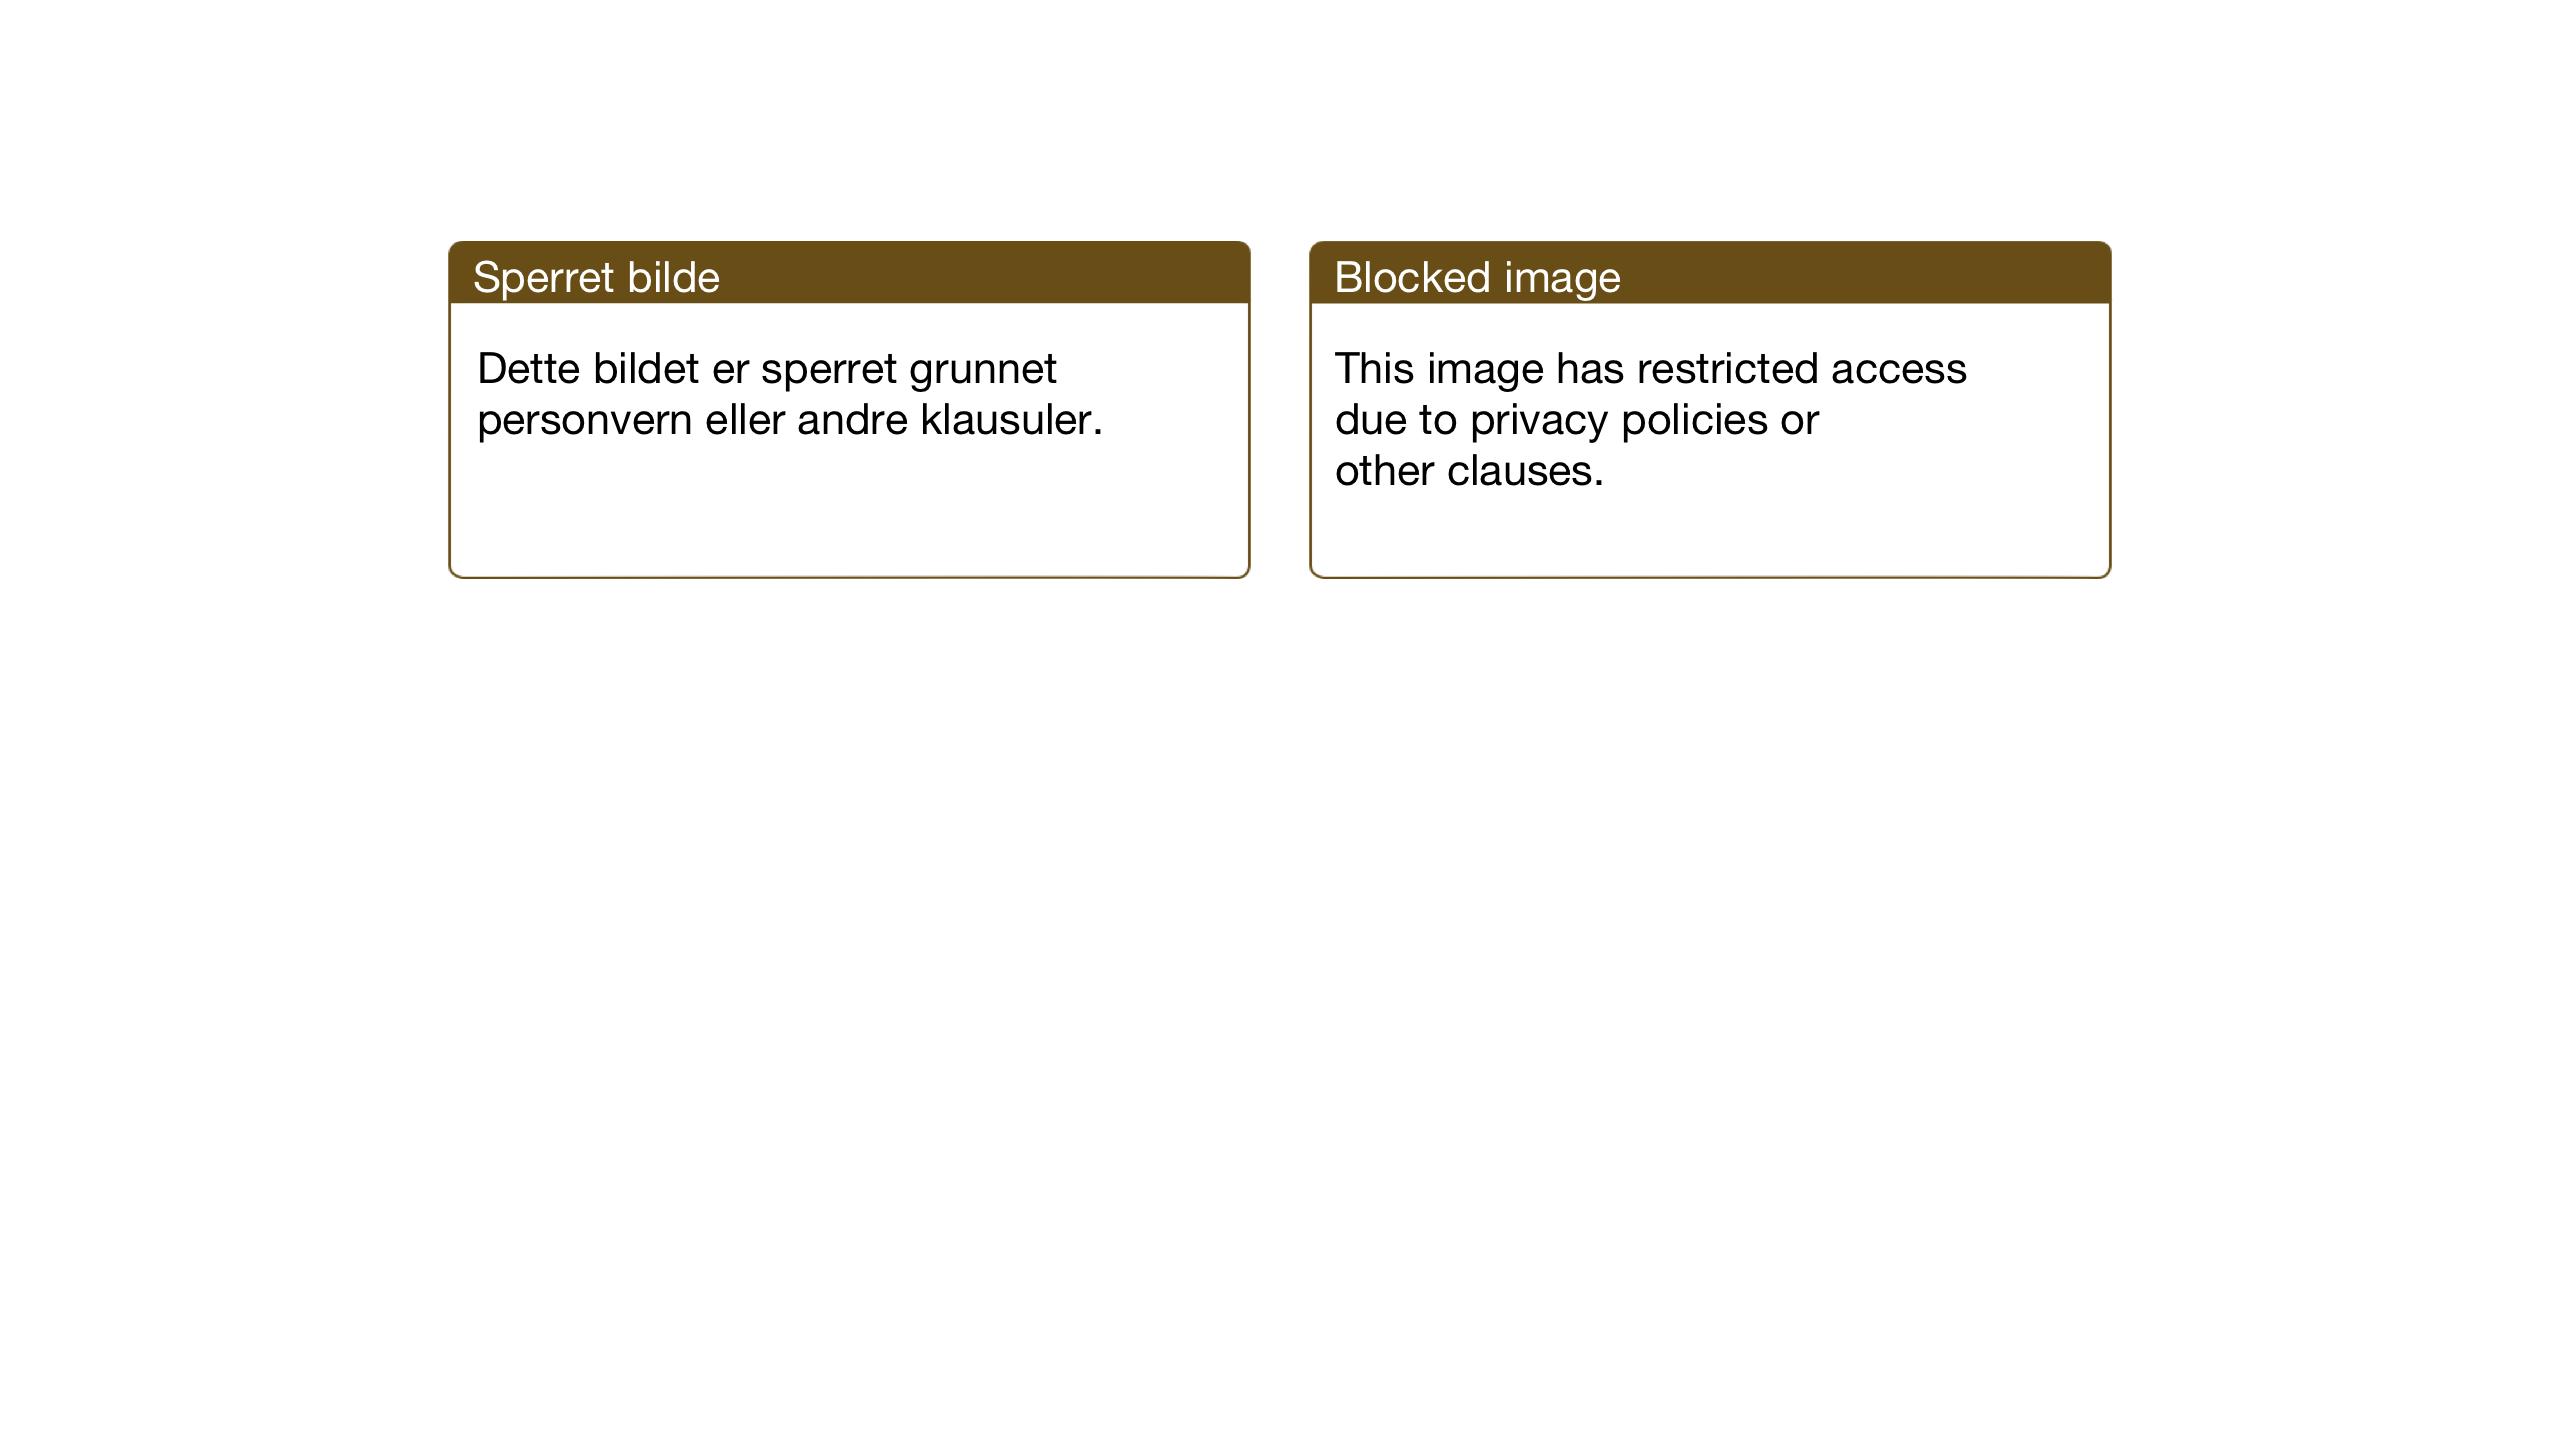 SAT, Ministerialprotokoller, klokkerbøker og fødselsregistre - Nord-Trøndelag, 710/L0097: Klokkerbok nr. 710C02, 1925-1955, s. 46